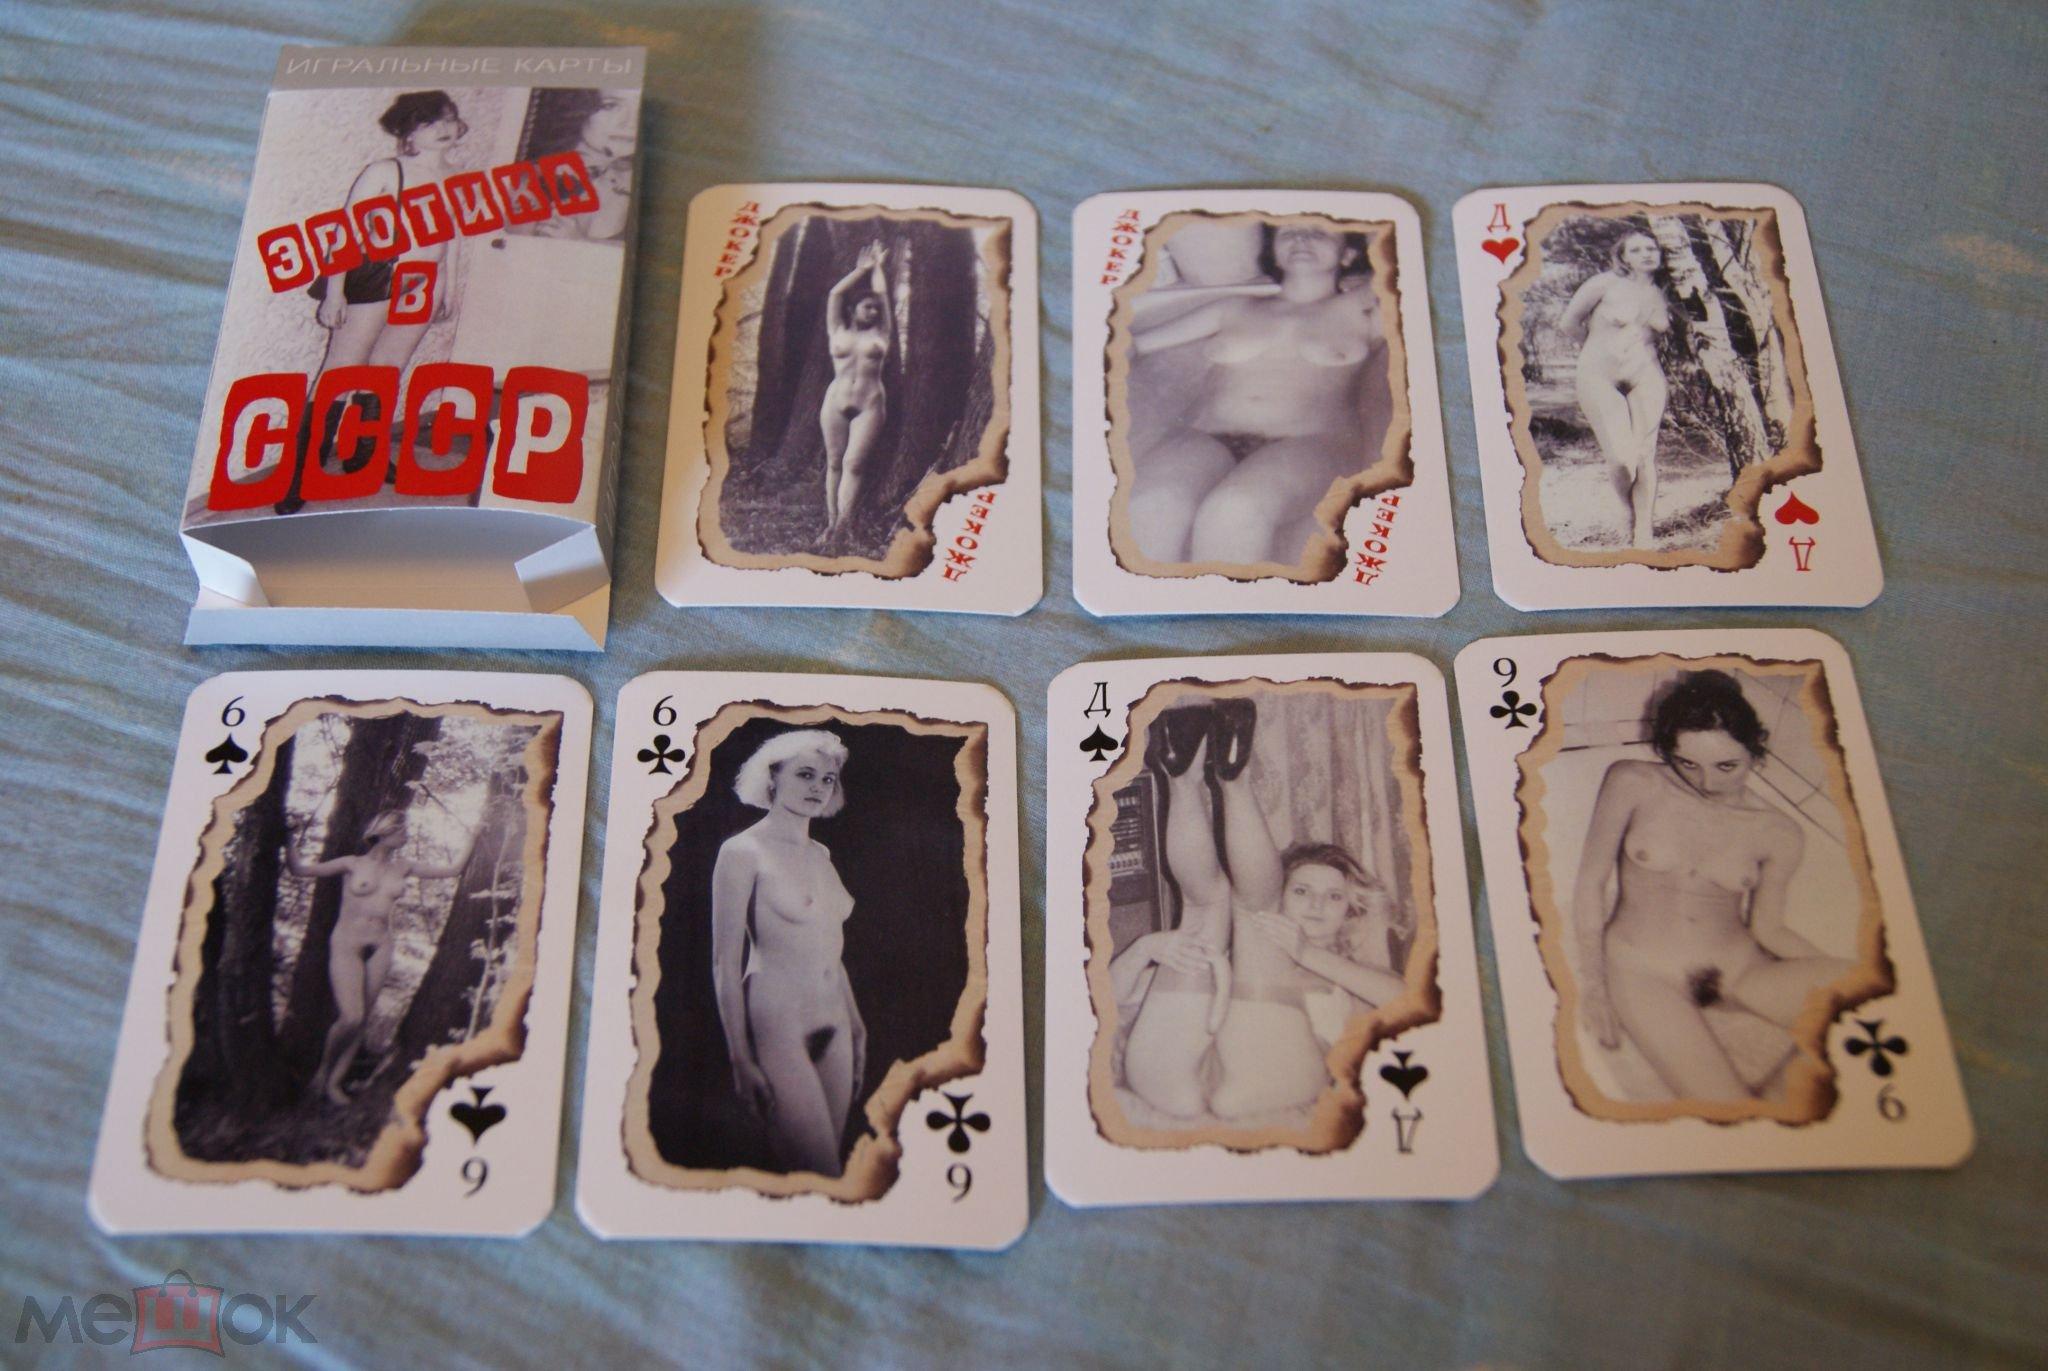 эротические игральные карты картинки фото вышли кухни